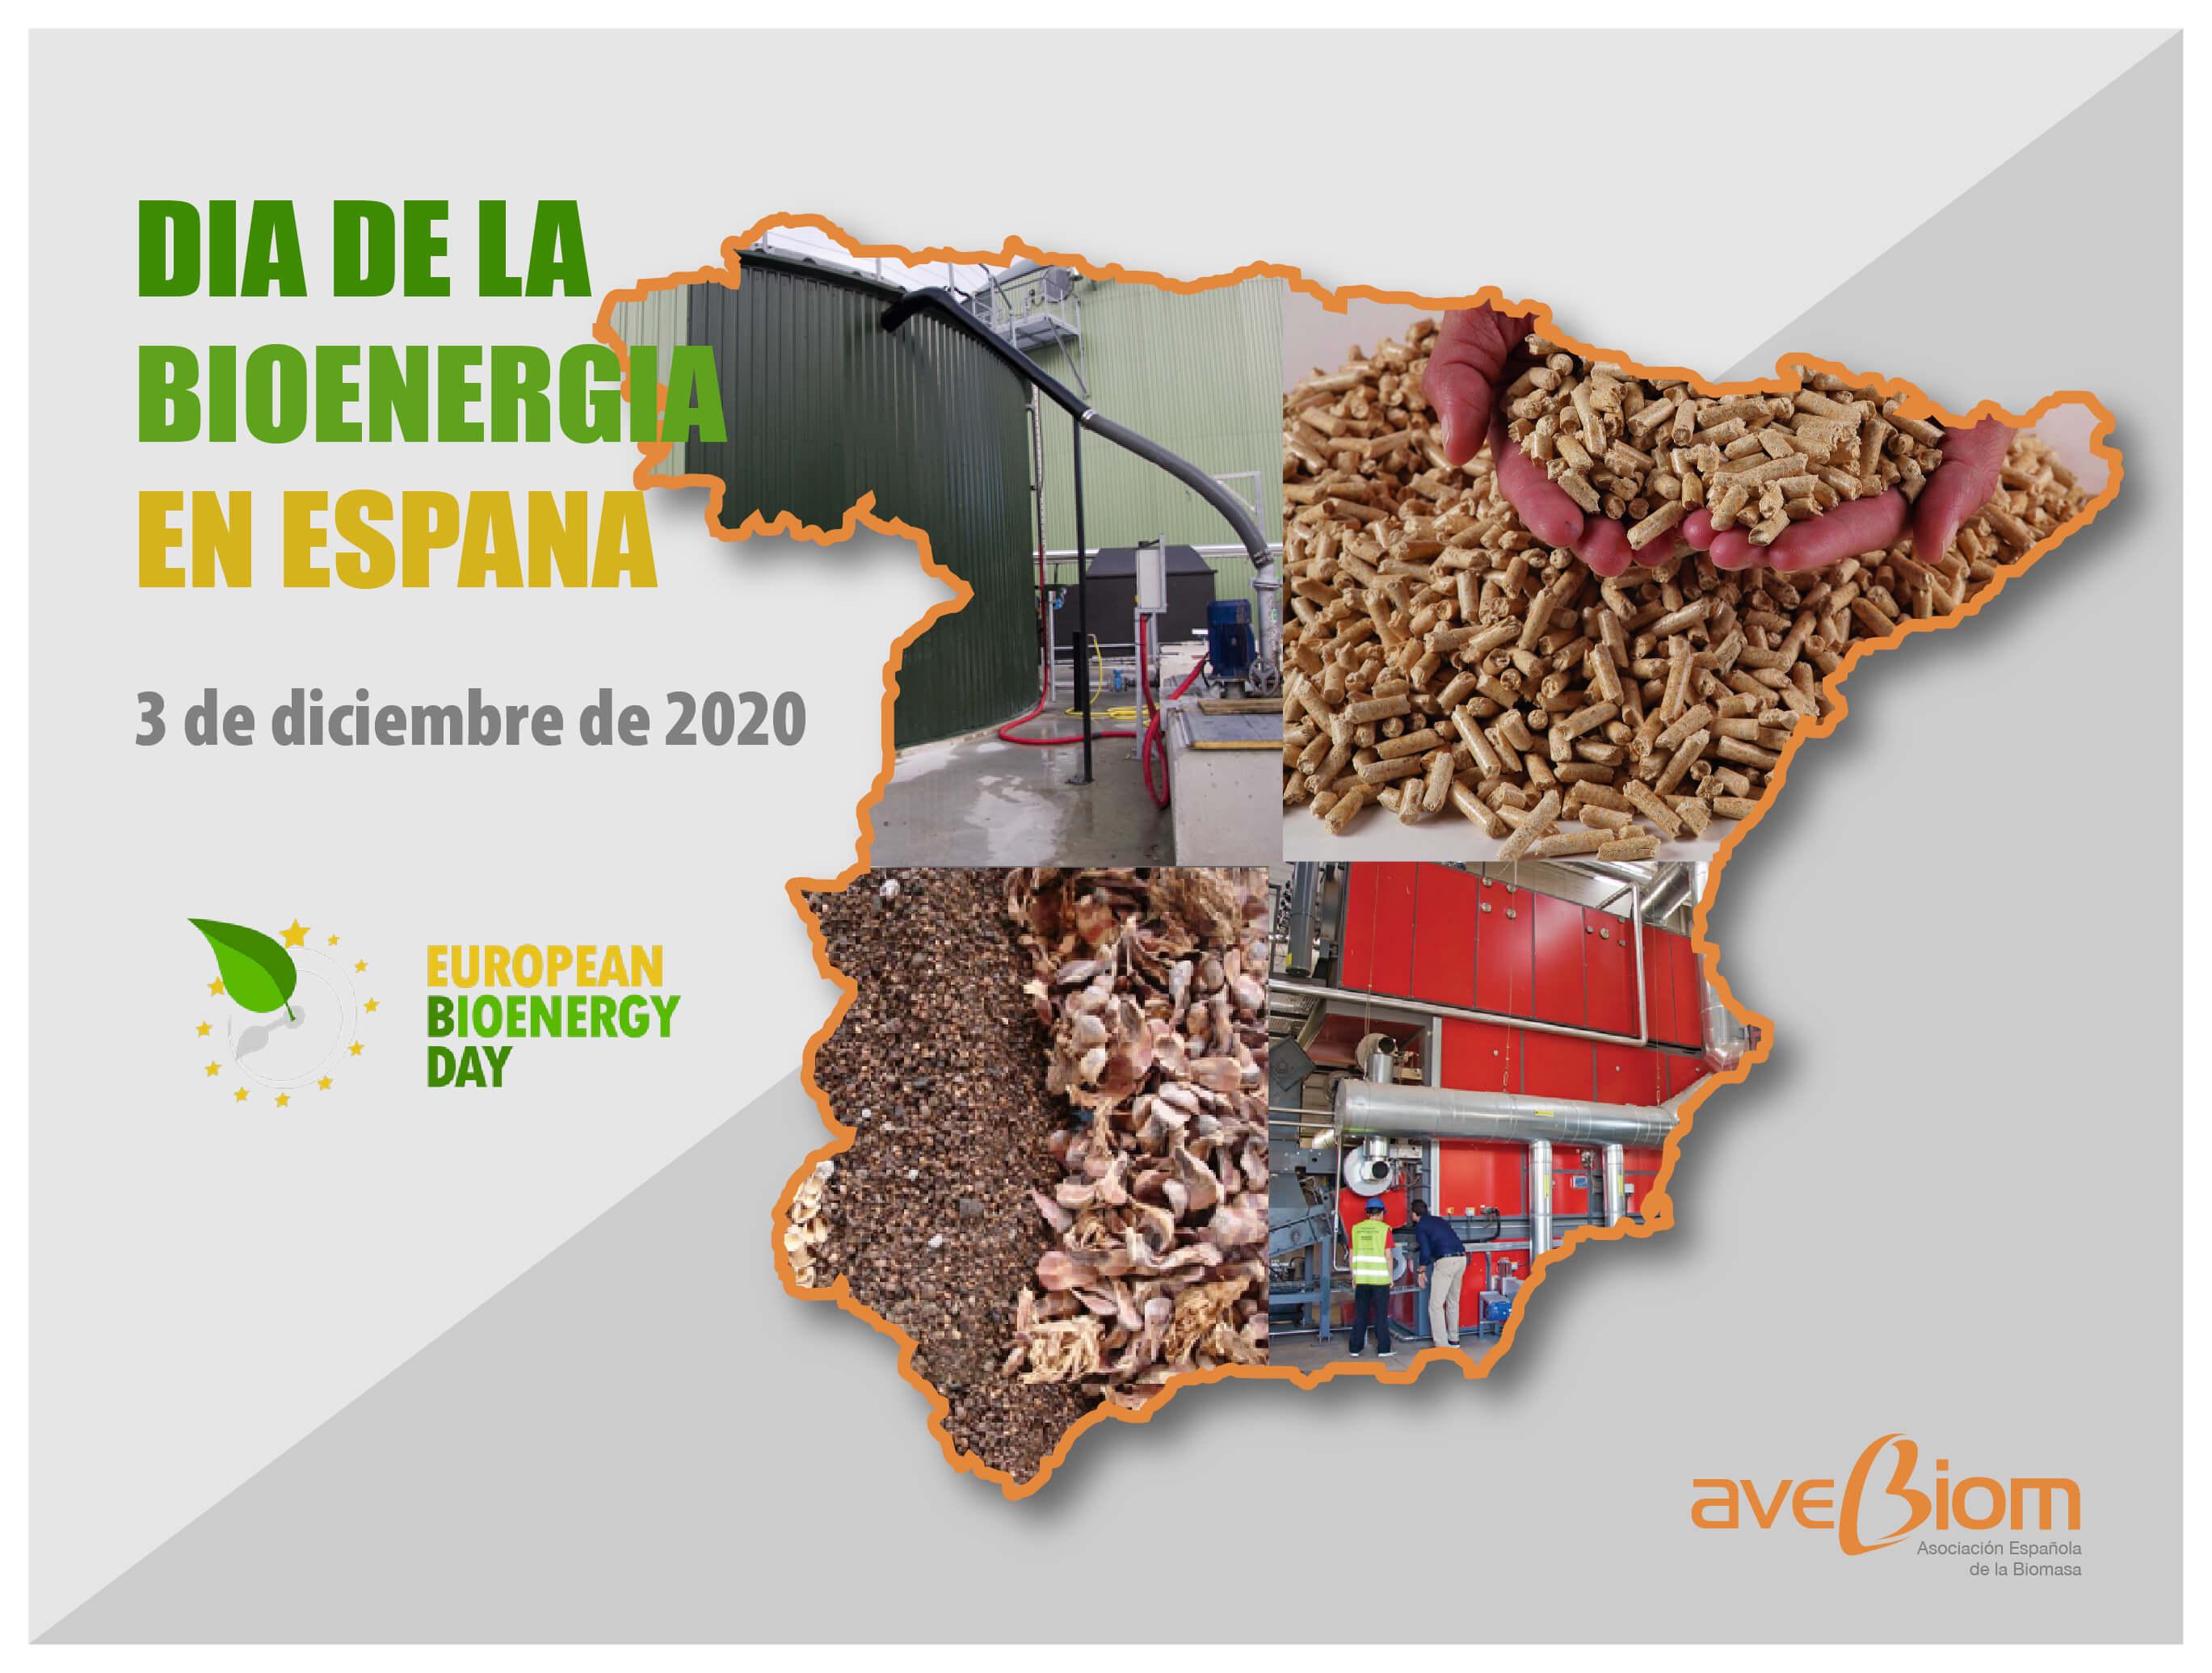 Giornata della bioenergia in Spagna